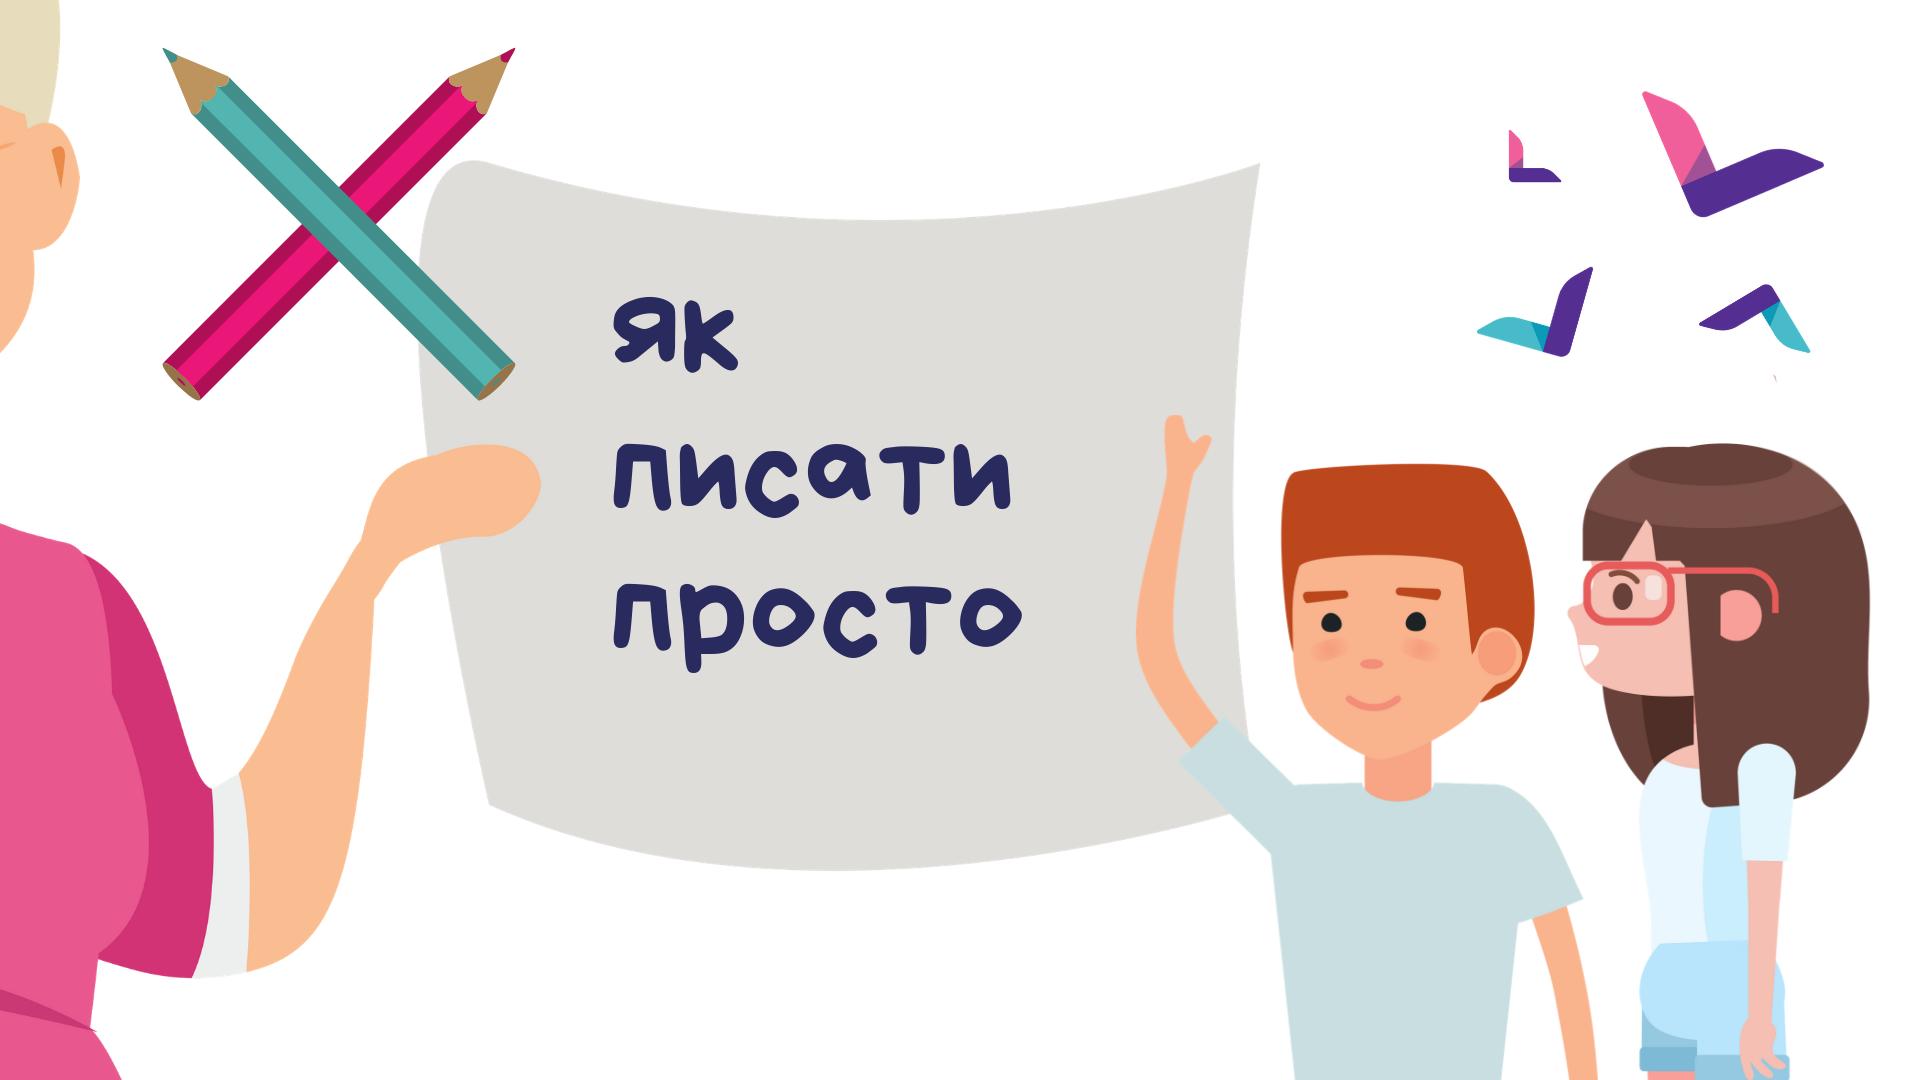 Як писати просто: онлайн-заняття для всіх бажаючих -  - 0521 pysaty prosto